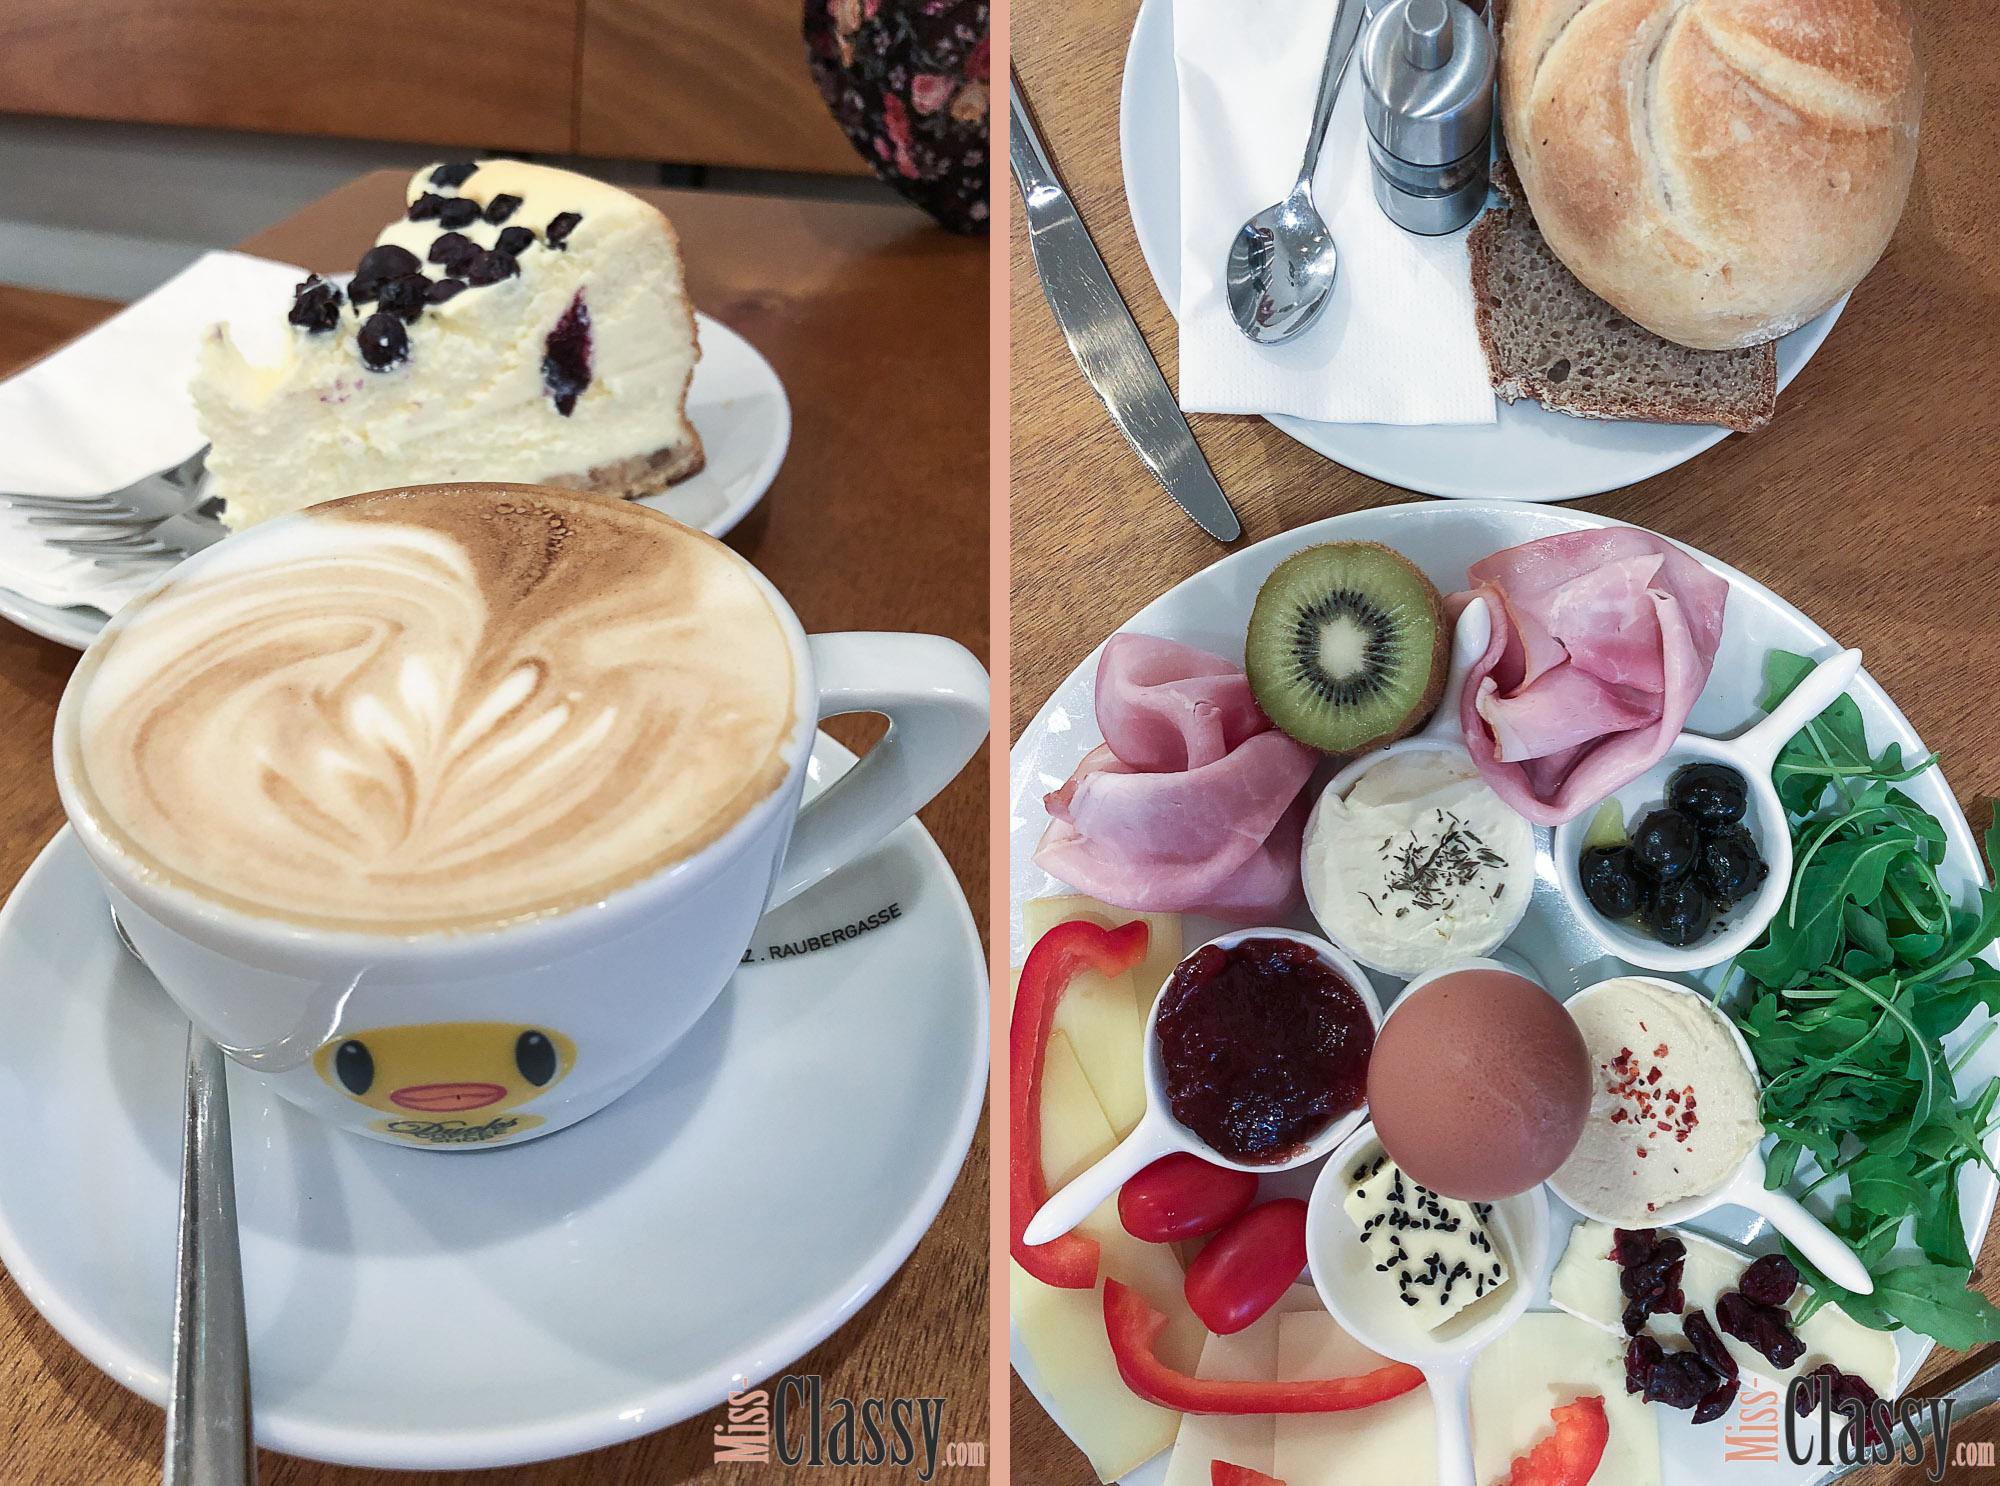 LIFESTYLE: Frühstücken und Brunchen in Graz - Miss Classys liebste Frühstückslokale, Miss Classy, Lifestyle Blog Graz, Graz, Steiermark, Österreich, classy, beclassy, Frühstück, Ducks Coffee Shop, Mehlspeisenfräulein, Cheesecake, Cappuccino, Frühstücksteller